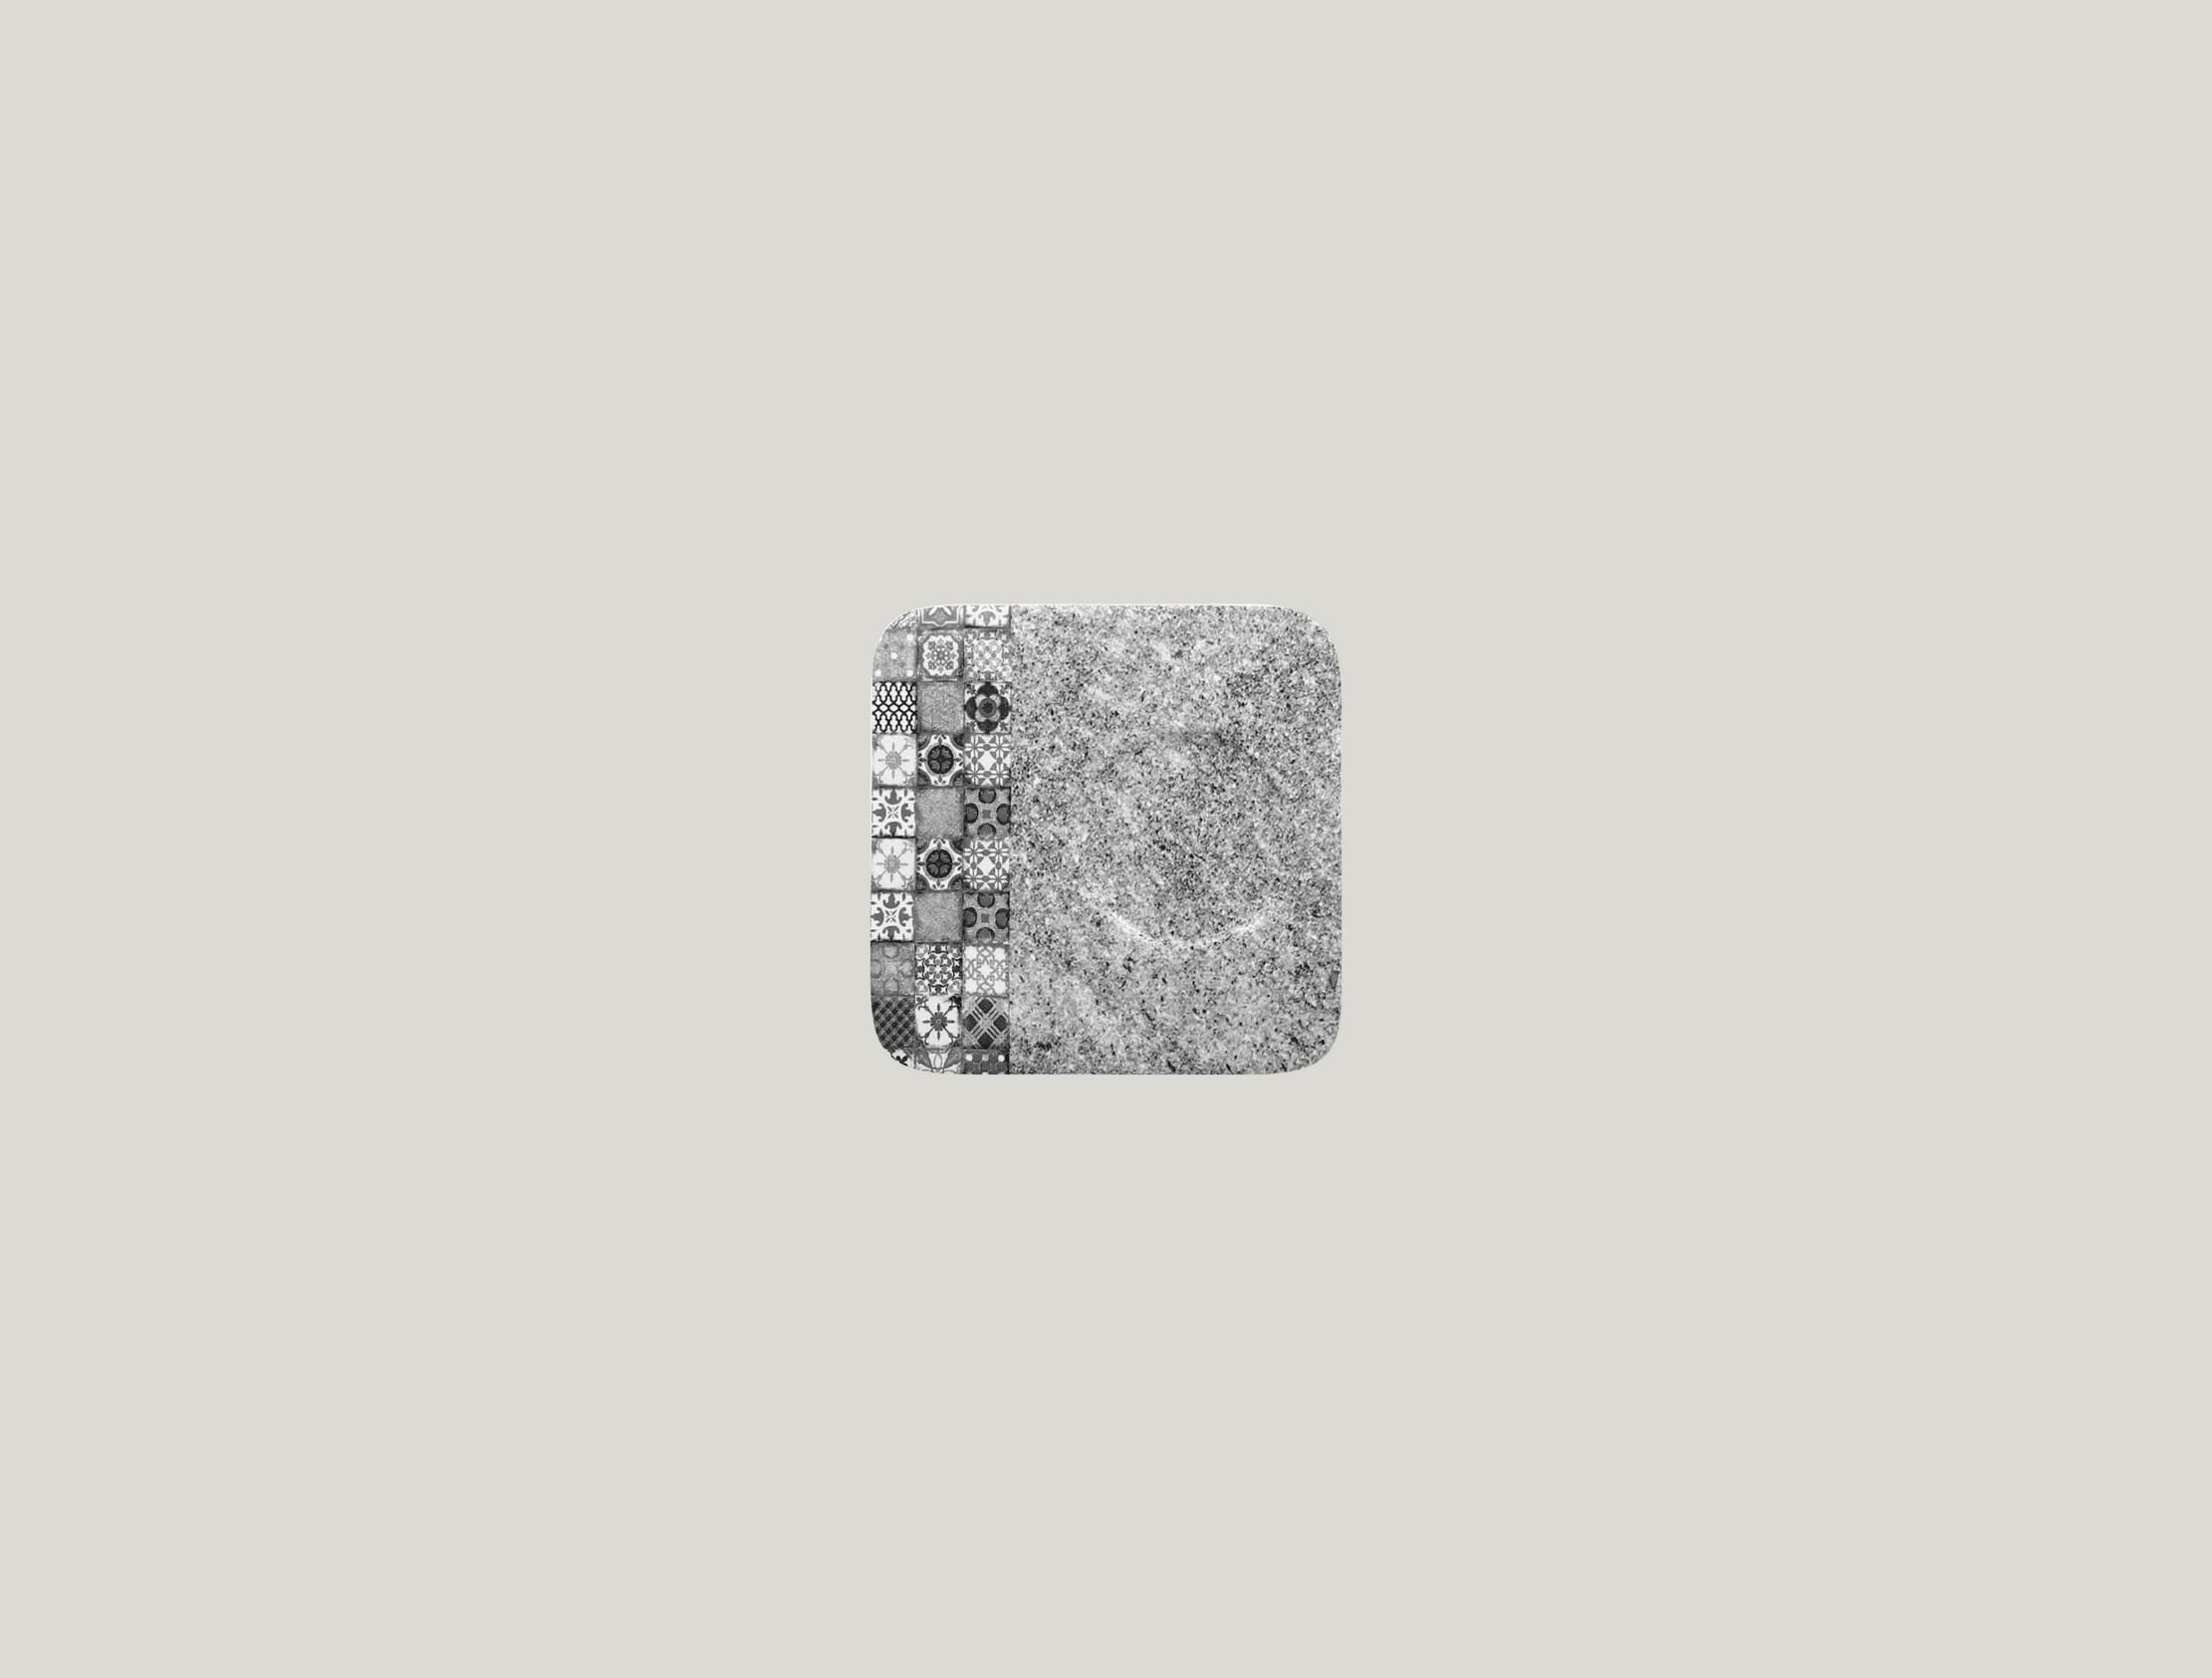 Podšálek pro šálek MSCU10/MSCU10M 12 cm - šedá